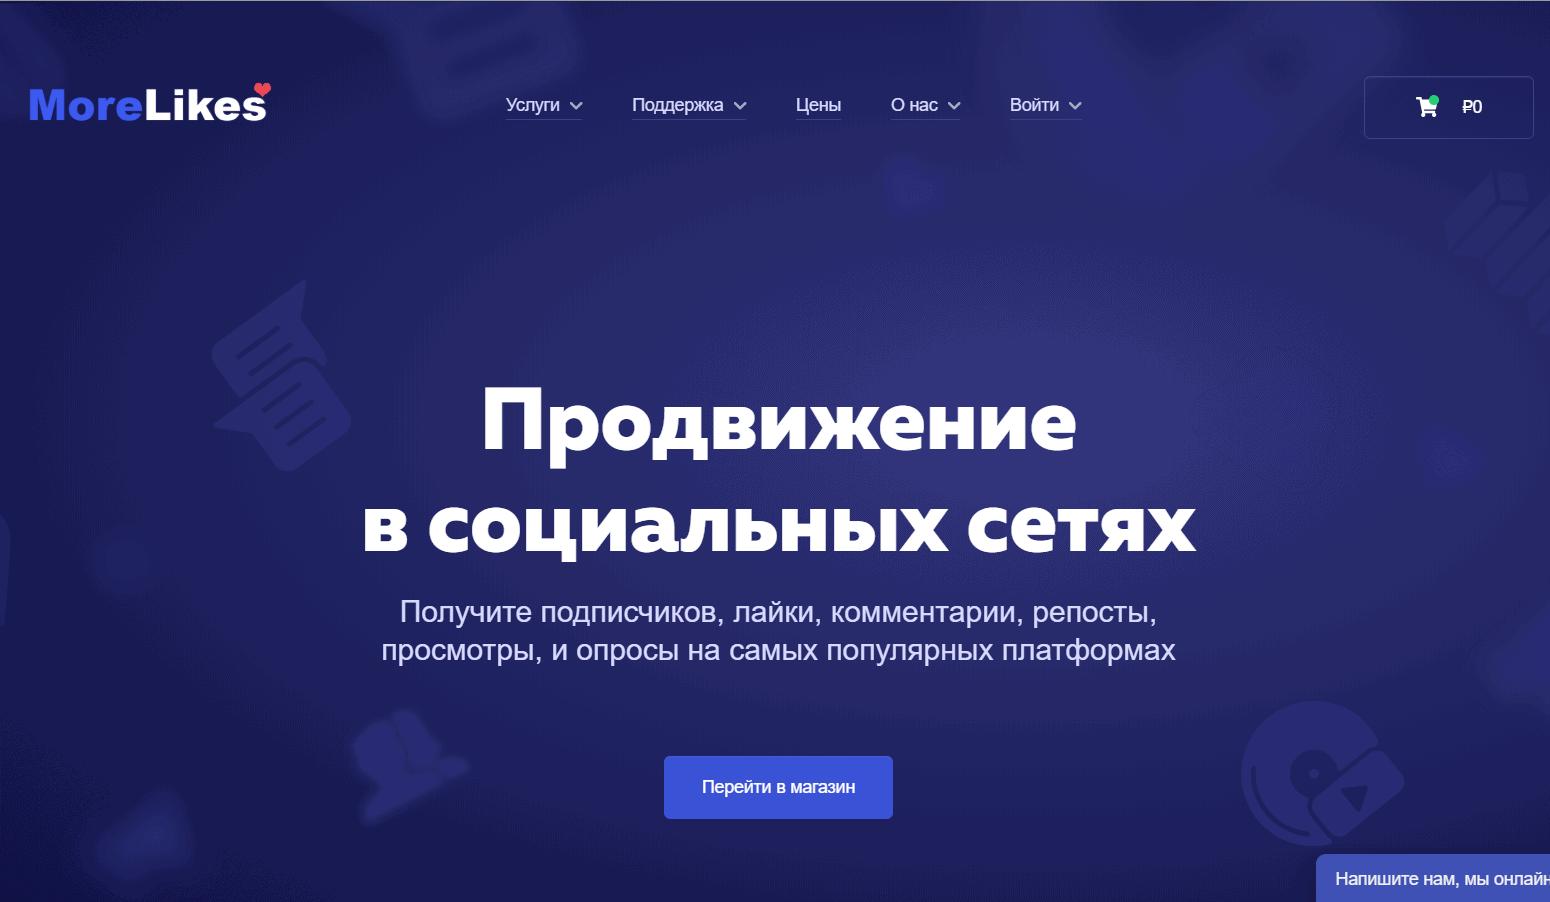 Онлайн-сервис MoreLikes